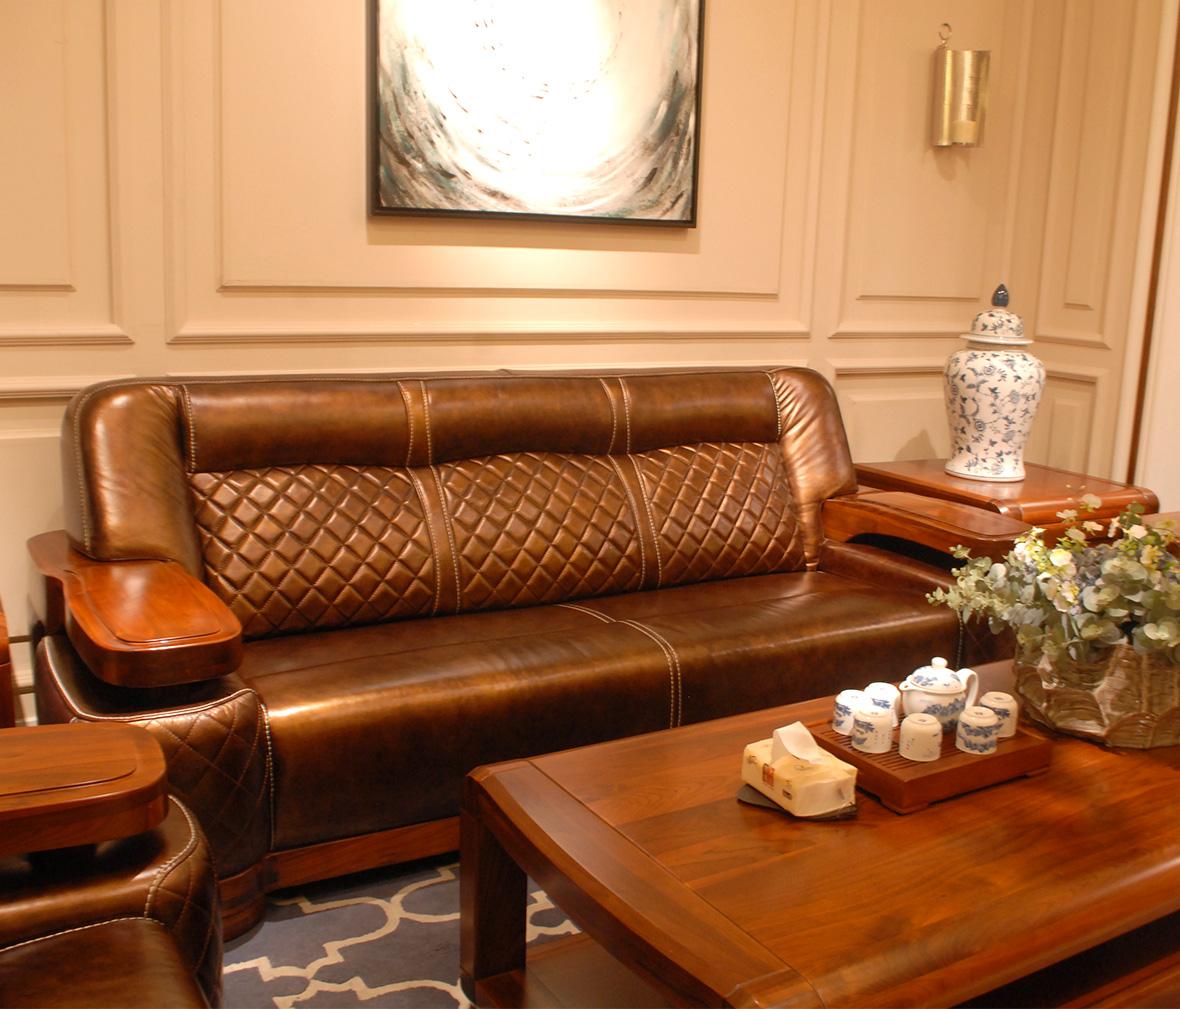 赖氏家具 胡桃木三人位沙发lsj09c型号 进口实木 现代图片